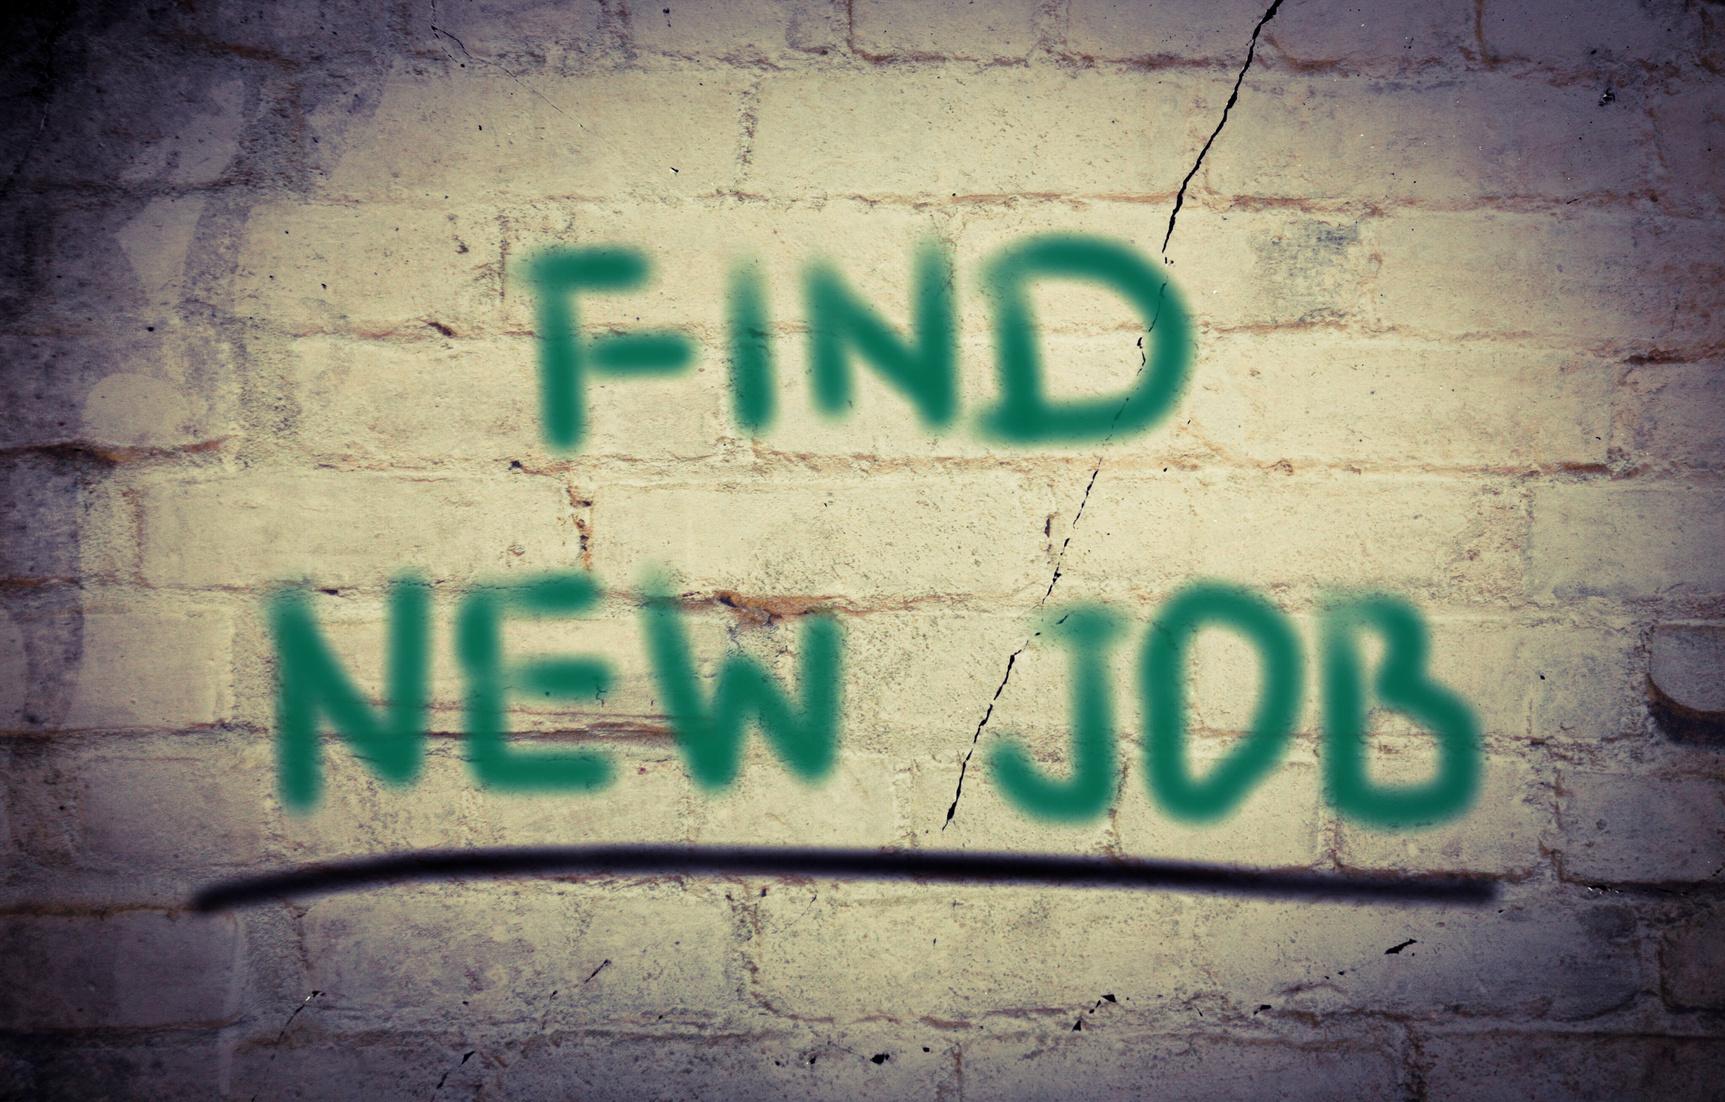 Wer auf Jobsuche ist, sollte darauf achten, was er online von sich  preisgibt. (Bild: Krasimira Nevenova - Fotolia.com)